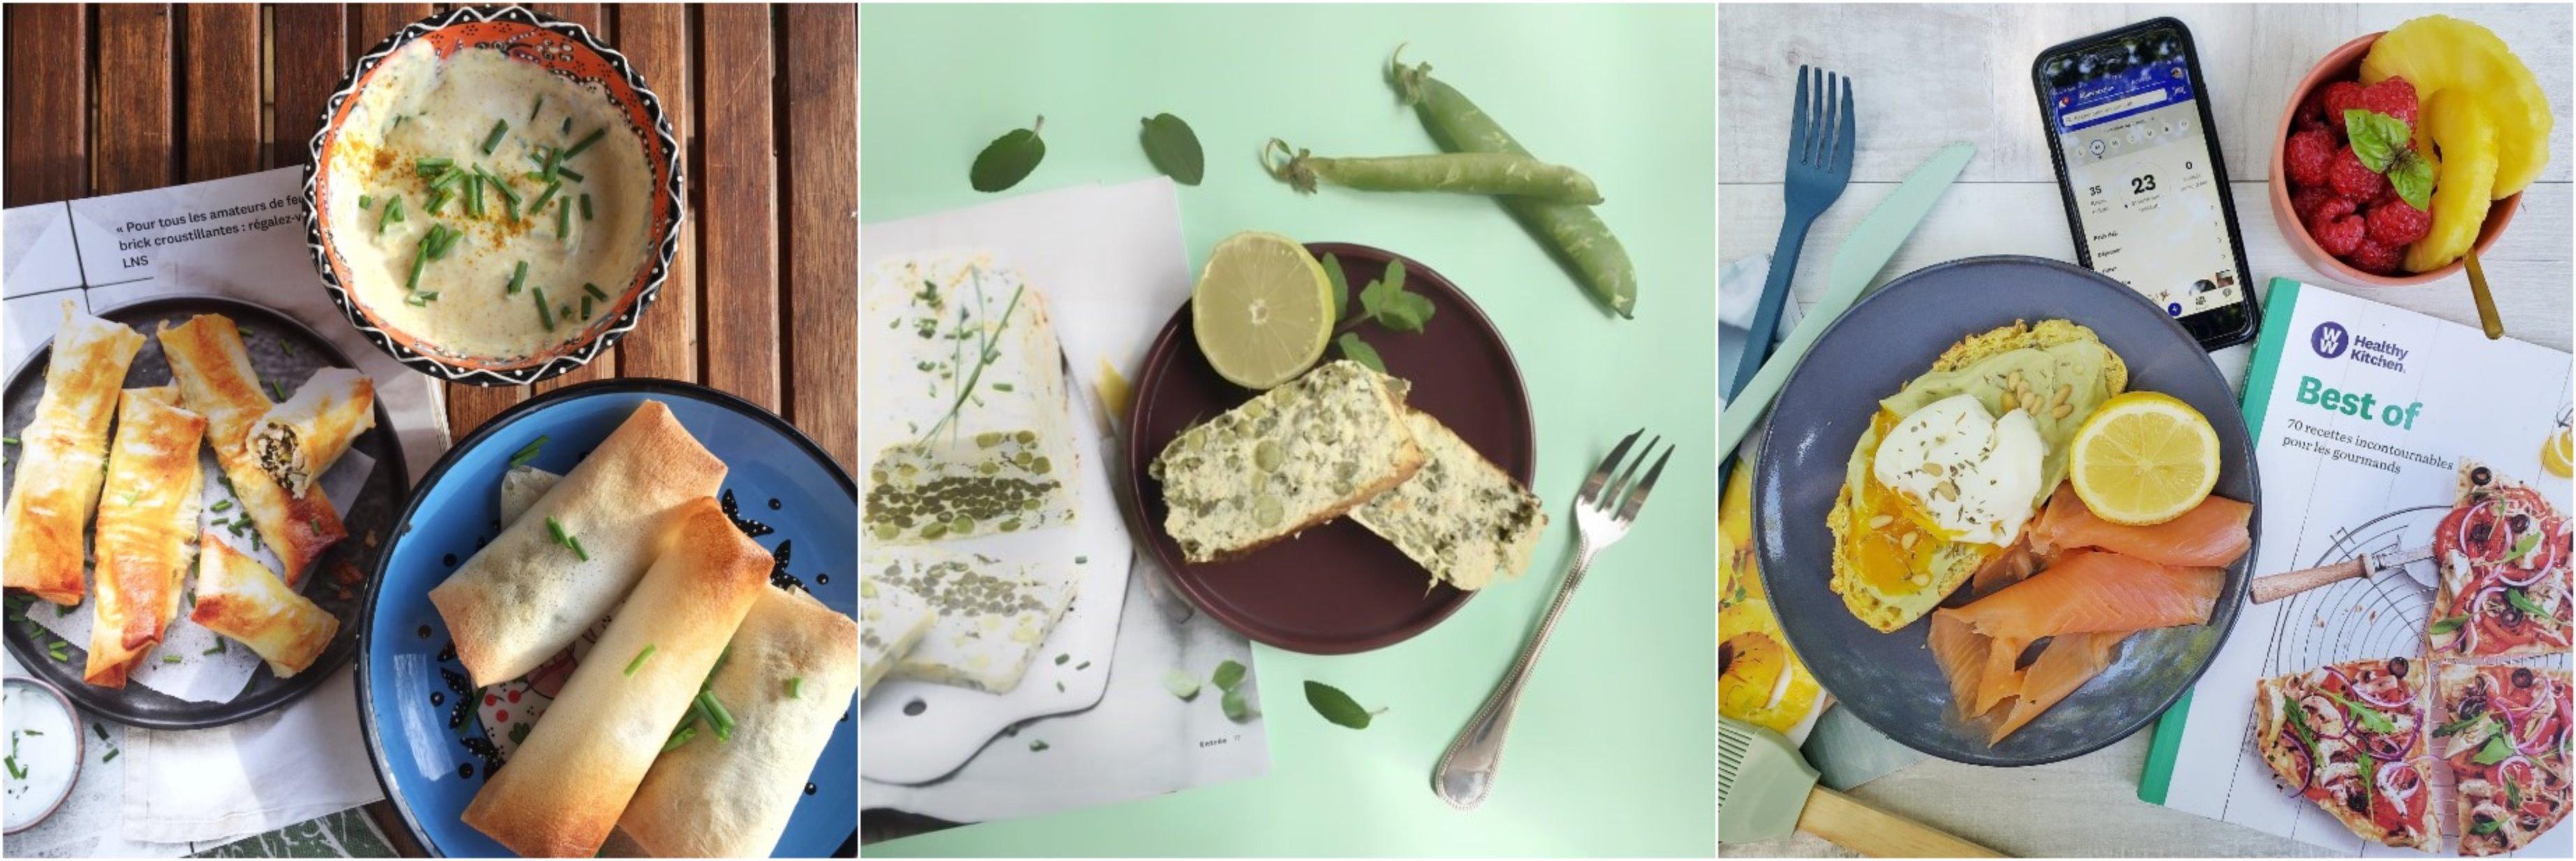 rééquilibrage alimentaire WW blog Camille In Bordeaux